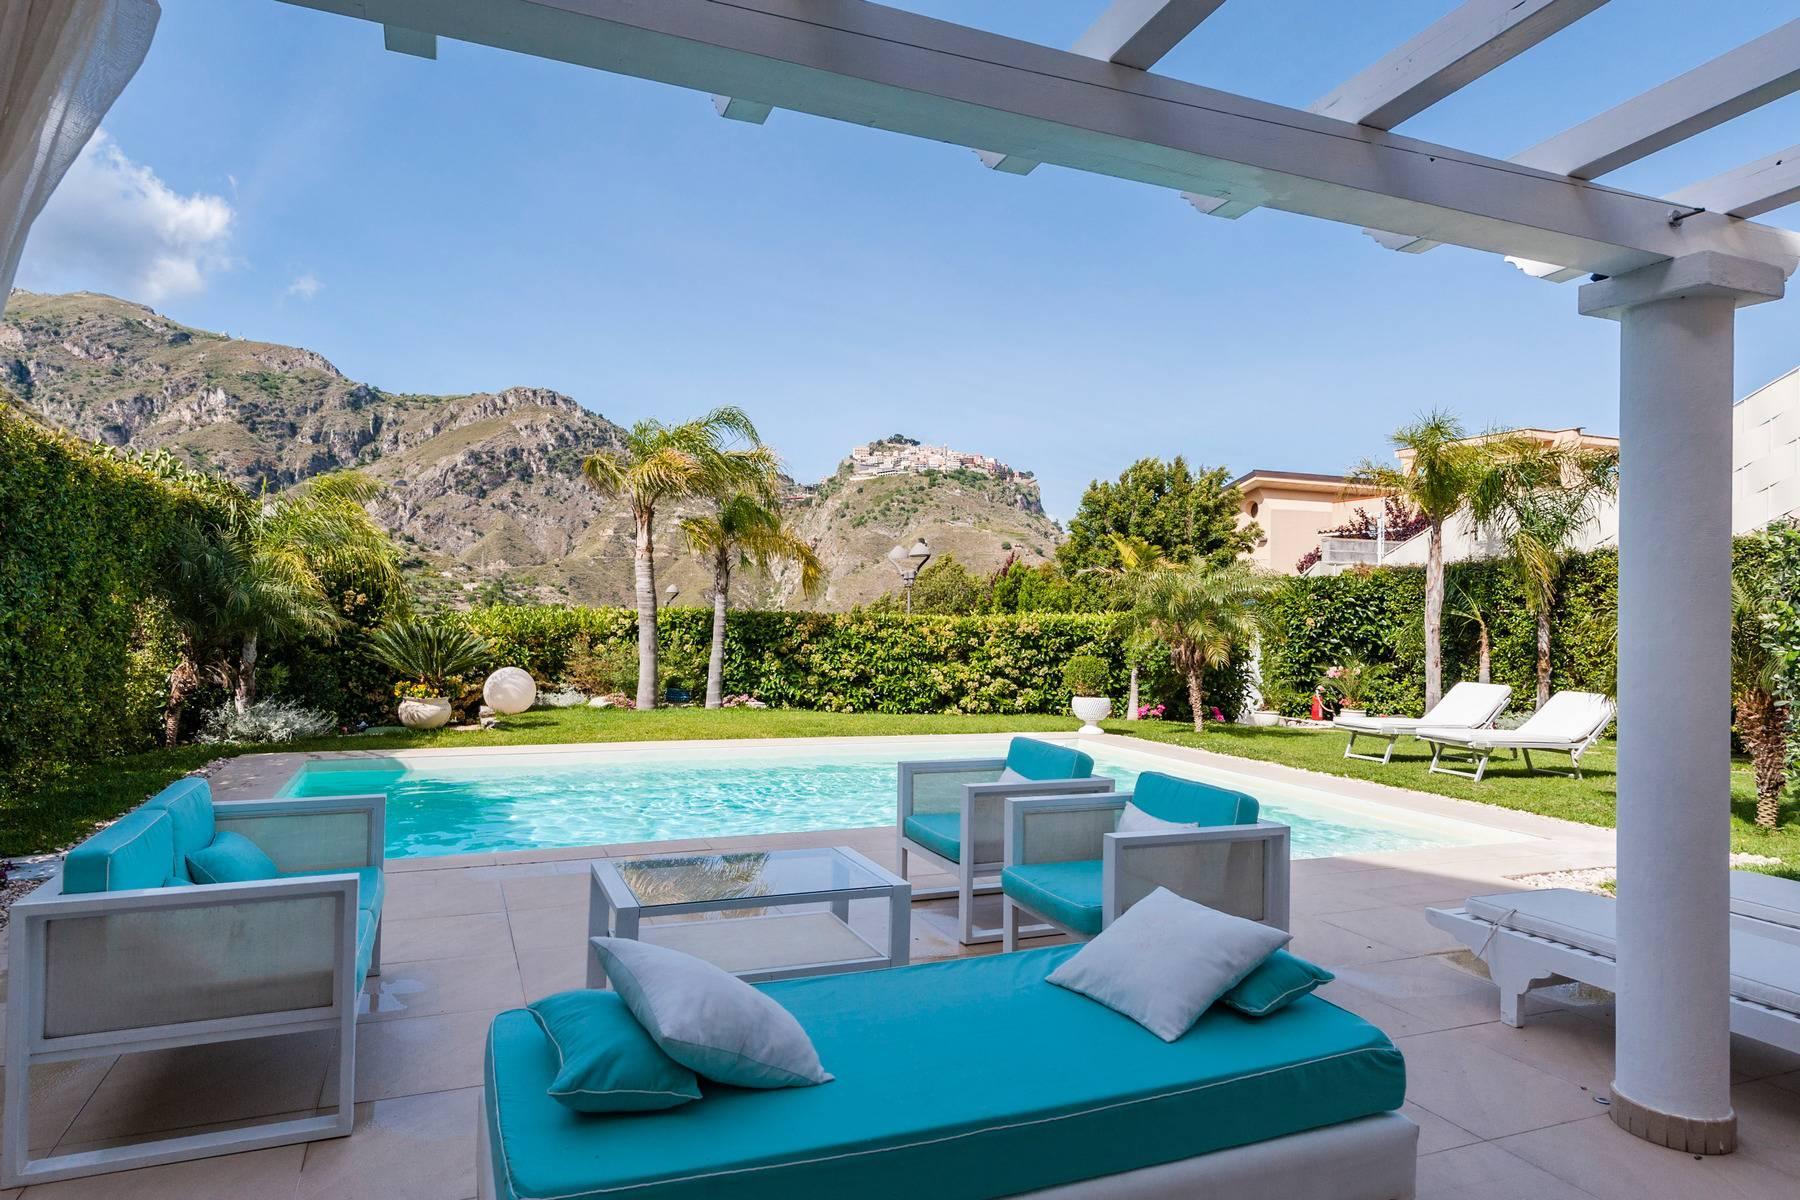 Modern villa with swimming pool in Taormina - 4